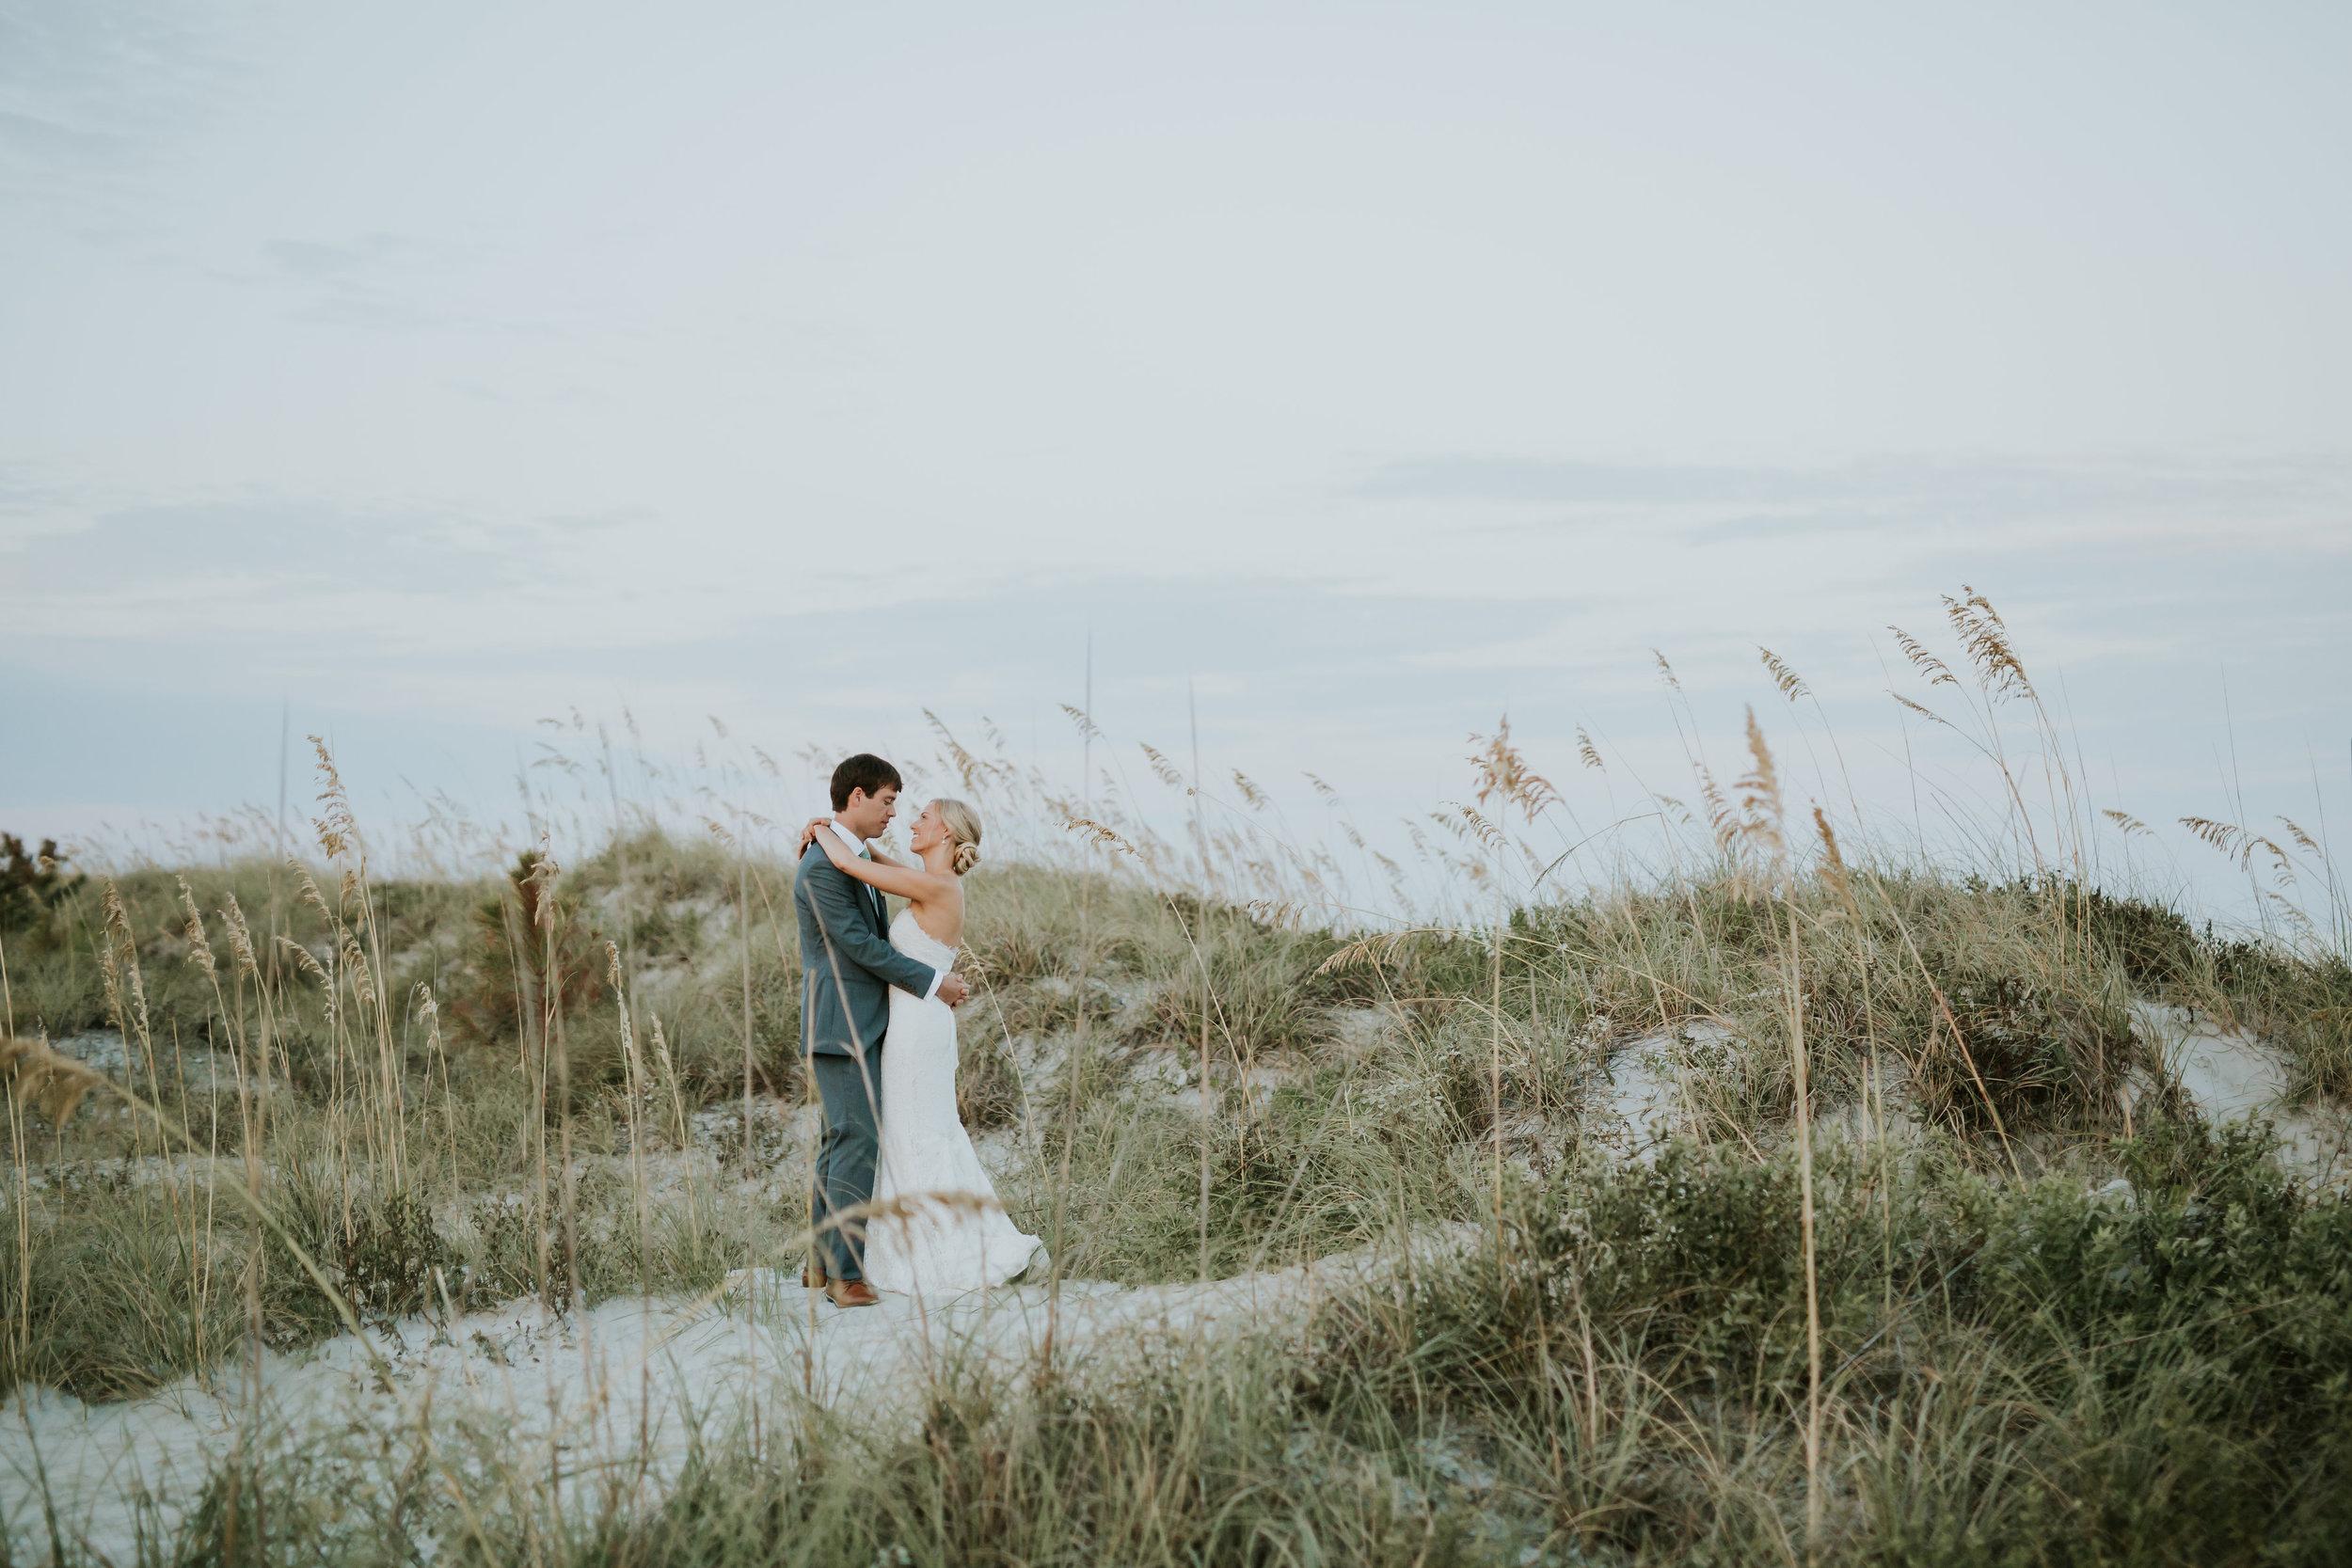 omni-hilton-head-wedding-56.jpg